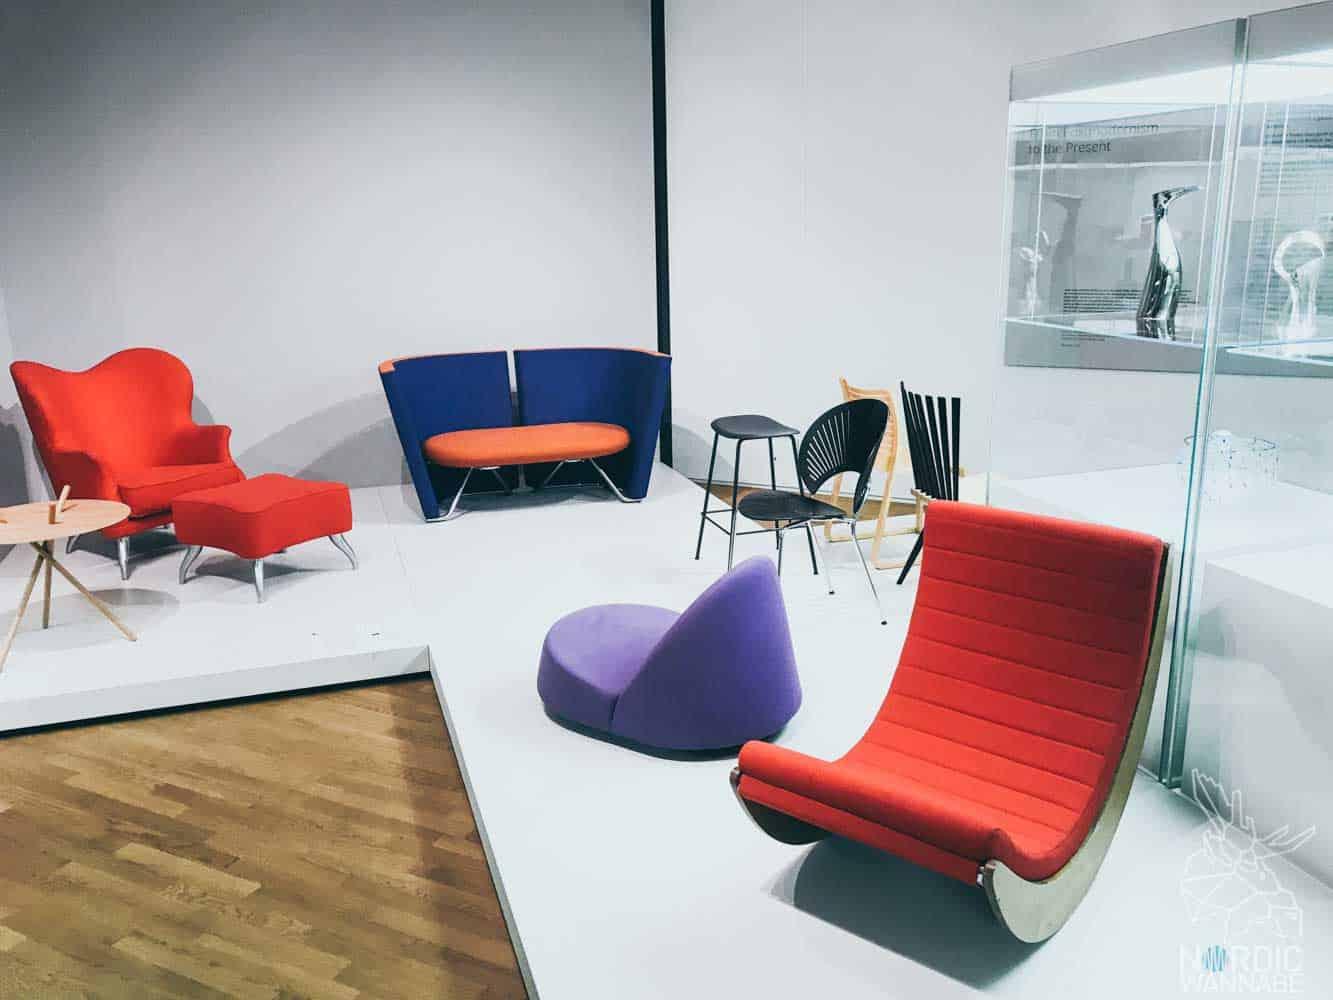 Grassihygge, Grassi Museum, Leipzig, Dänisches Design, Blog, Dänemark, Hygge, Made in Denmark-Ausstellung